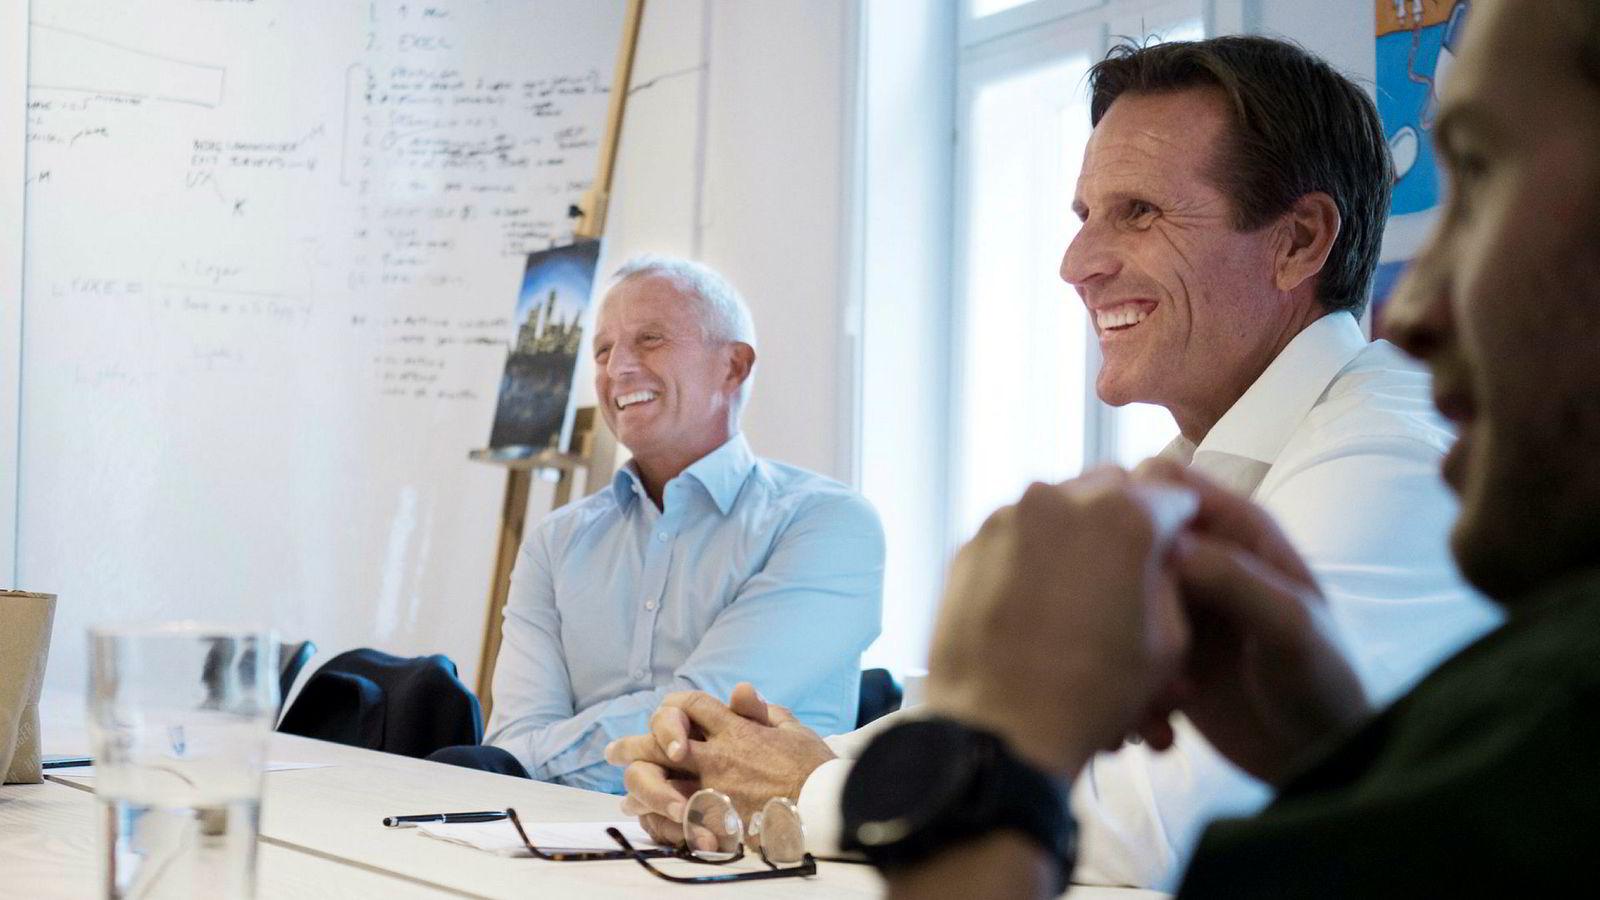 Jo Lunder (t.v.) og Morten Røisland kjøper aksjer for fem millioner kroner i fem selskaper startet av Askeladden & Co. Partner Martin Schütt (t.h) sier selskapets konsepter ikke trenger mye penger, men selger noe aksjer for å dekke driften.